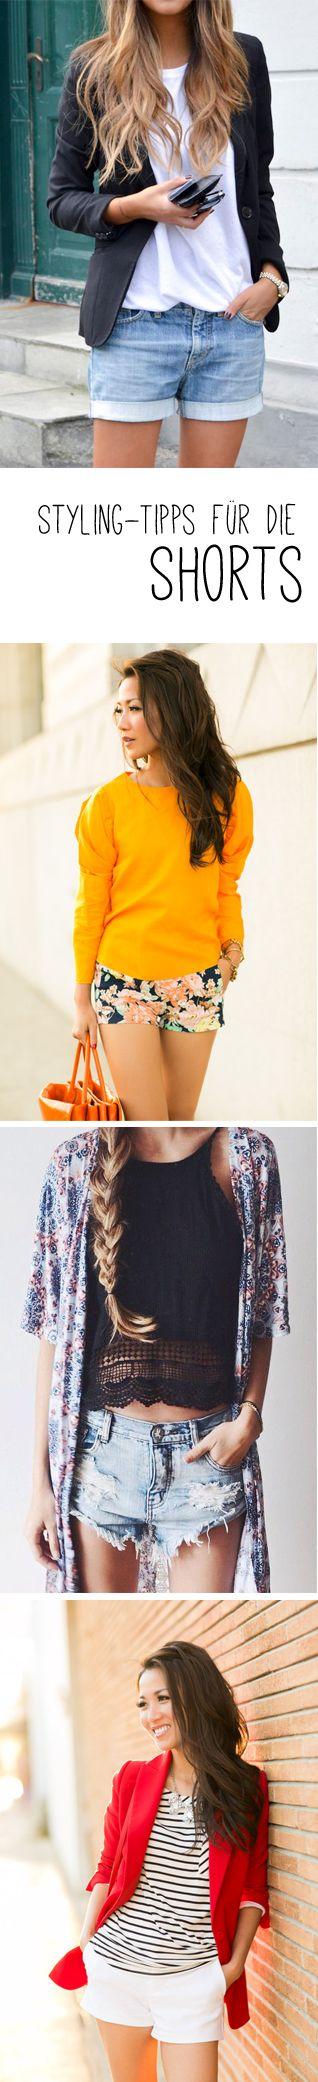 Die angesagtesten Looks mit Shorts & welche Shorts zu welcher Figur passen: http://www.gofeminin.de/styling-tipps/welche-shorts-fur-welche-figur-s1416214.html #fashion #shorts #stylingtipps #outfits